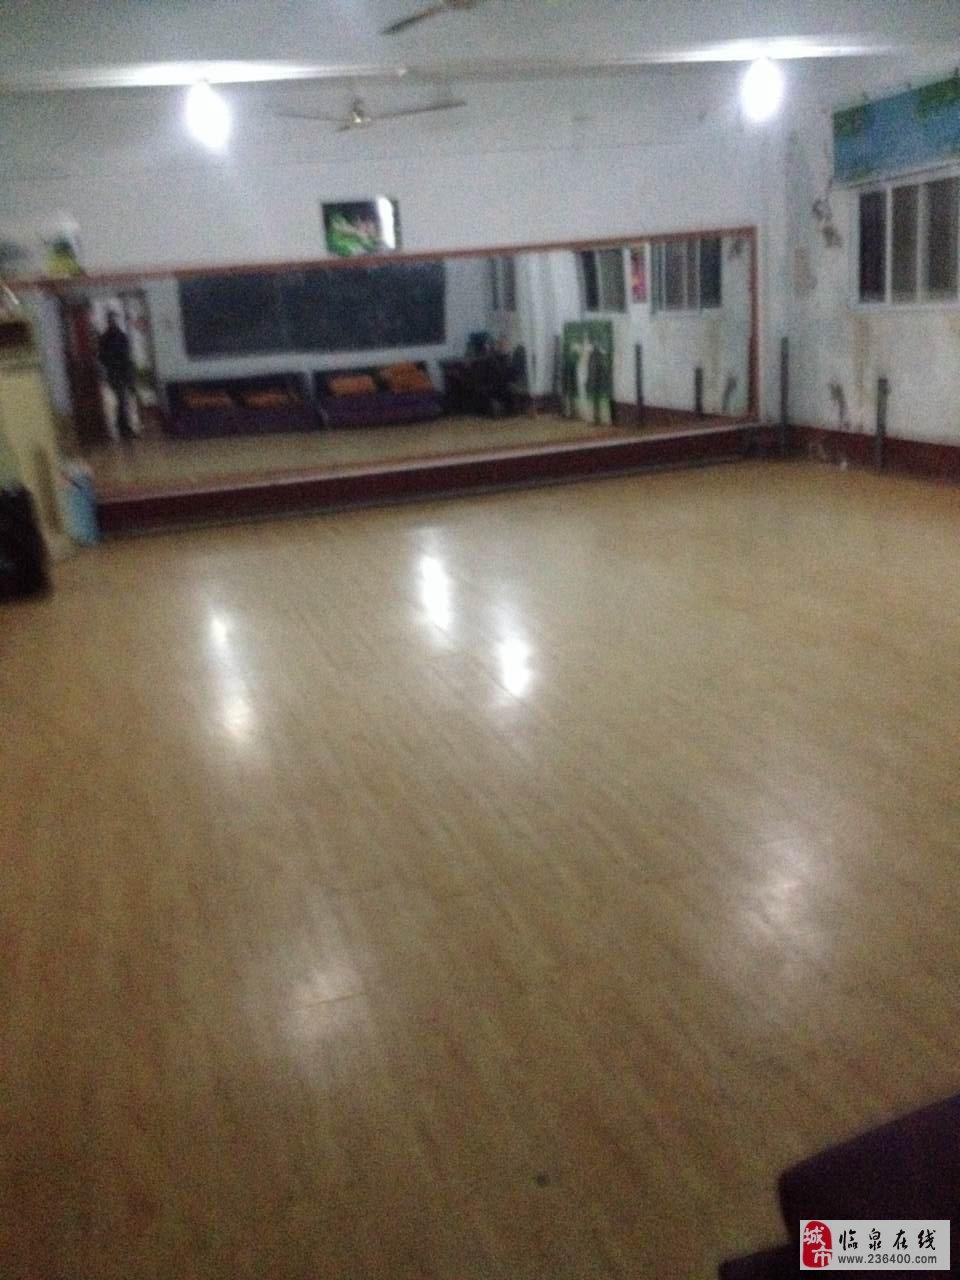 已铺好木地板.可作舞蹈室教室,会议室,培训基地,跆拳道馆等!